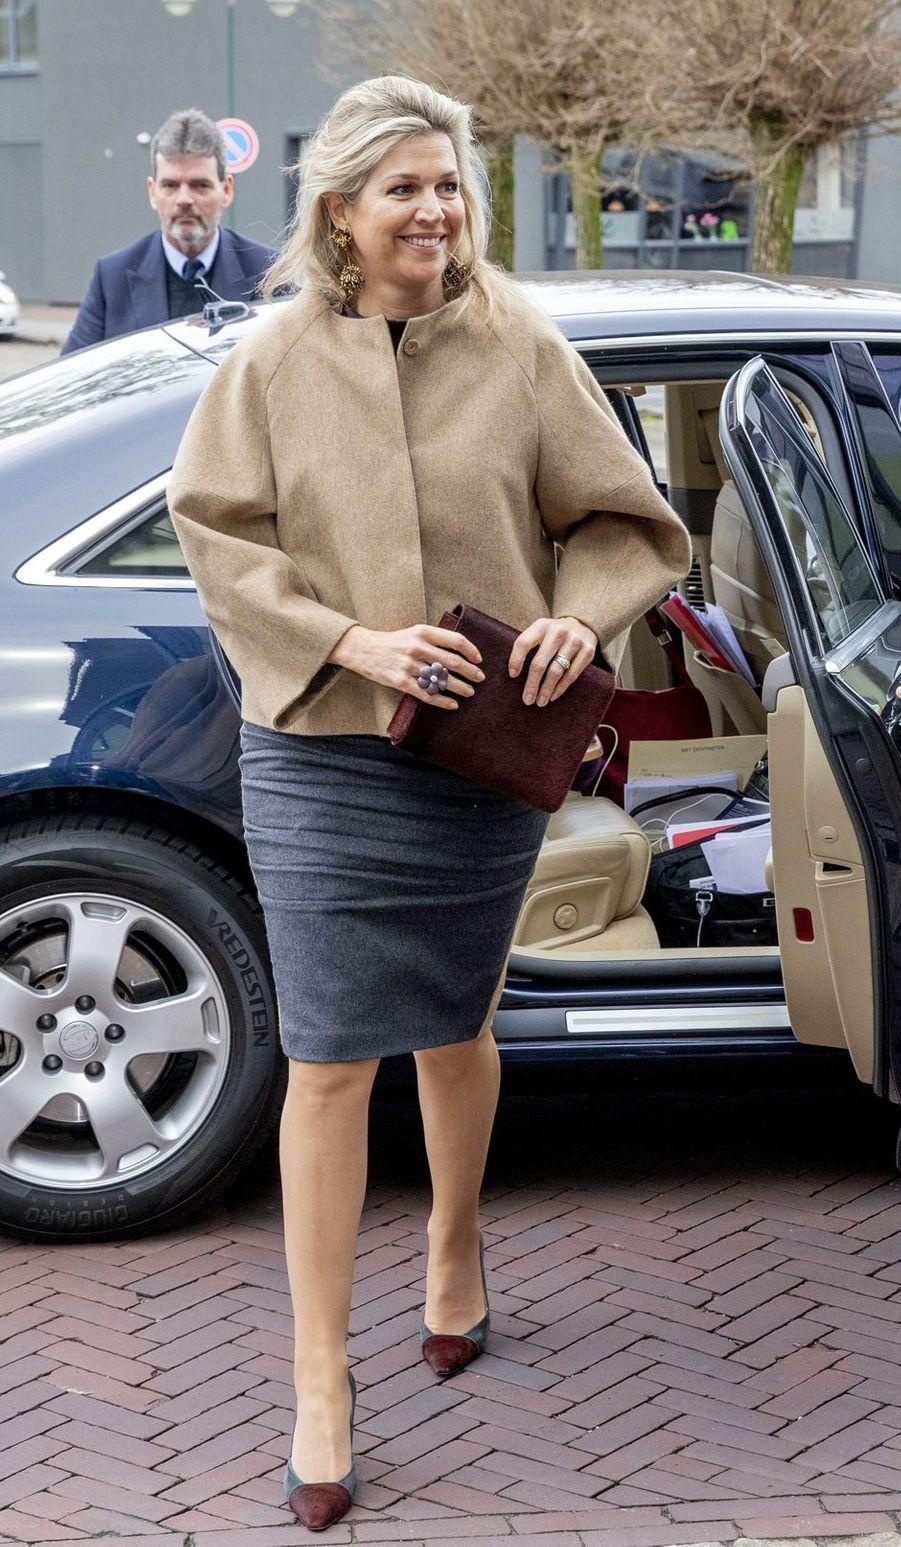 La reine Maxima des Pays-Bas à son arrivée à Varsseveld, le 3 avril 2019